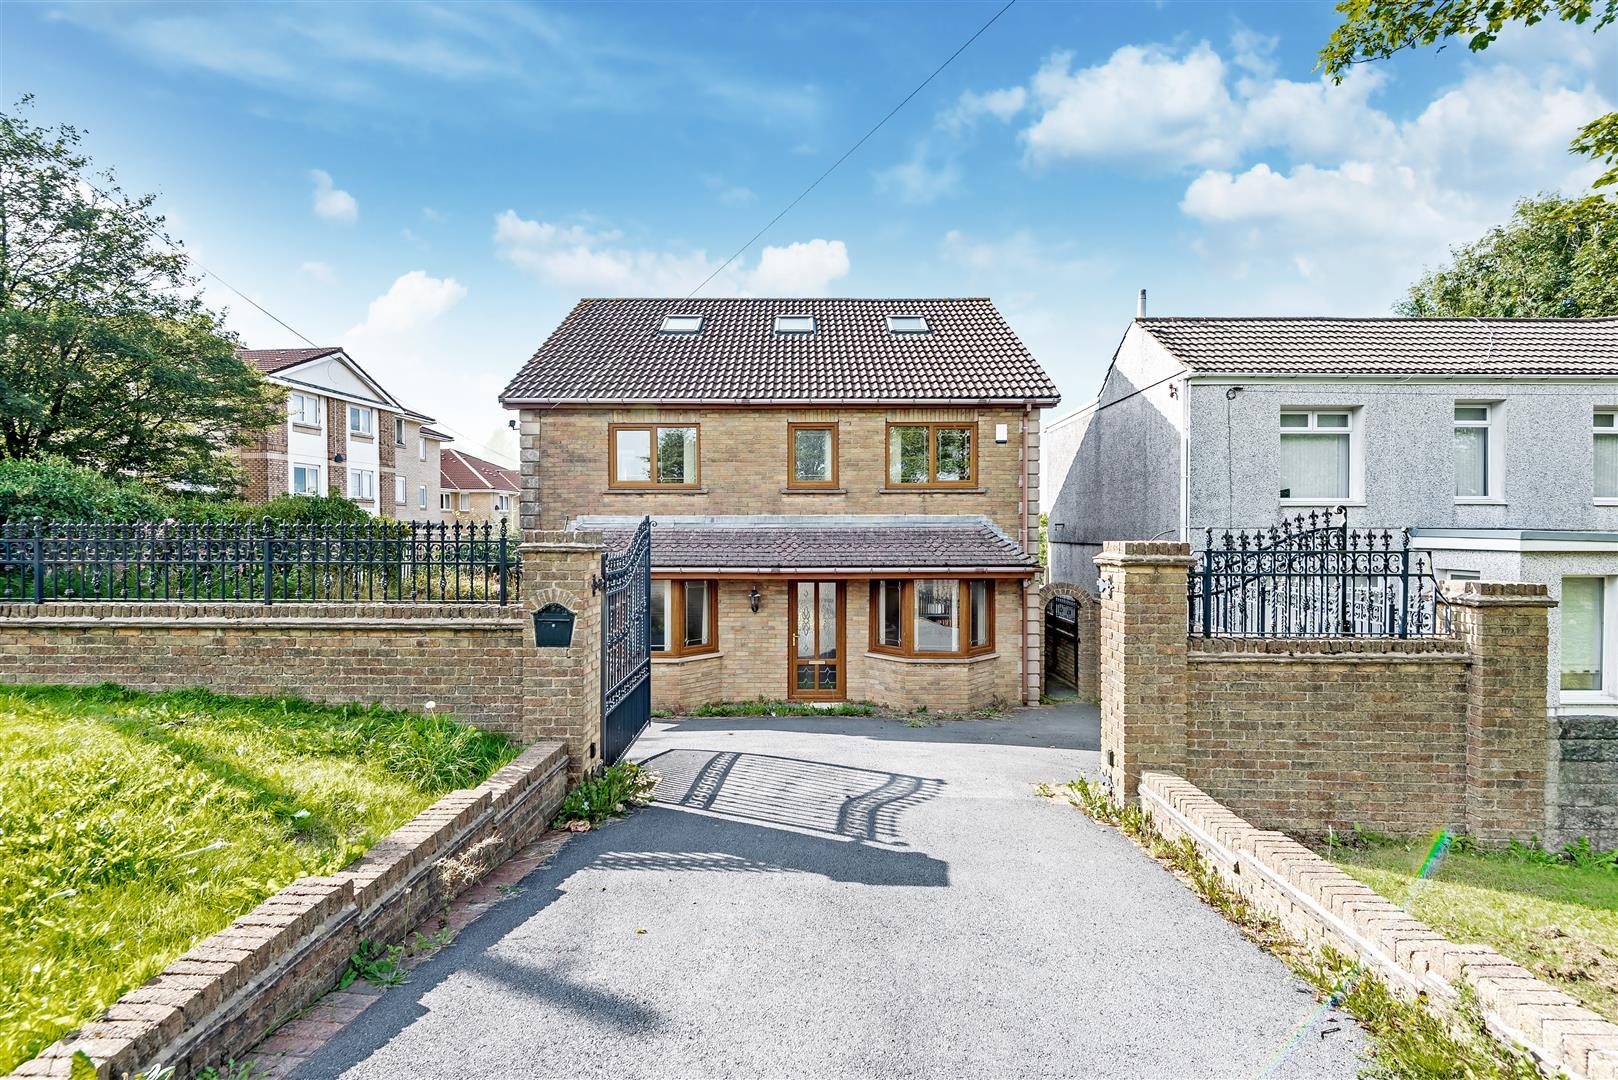 Mynydd Newydd Road, Penlan, Swansea, SA5 7HH